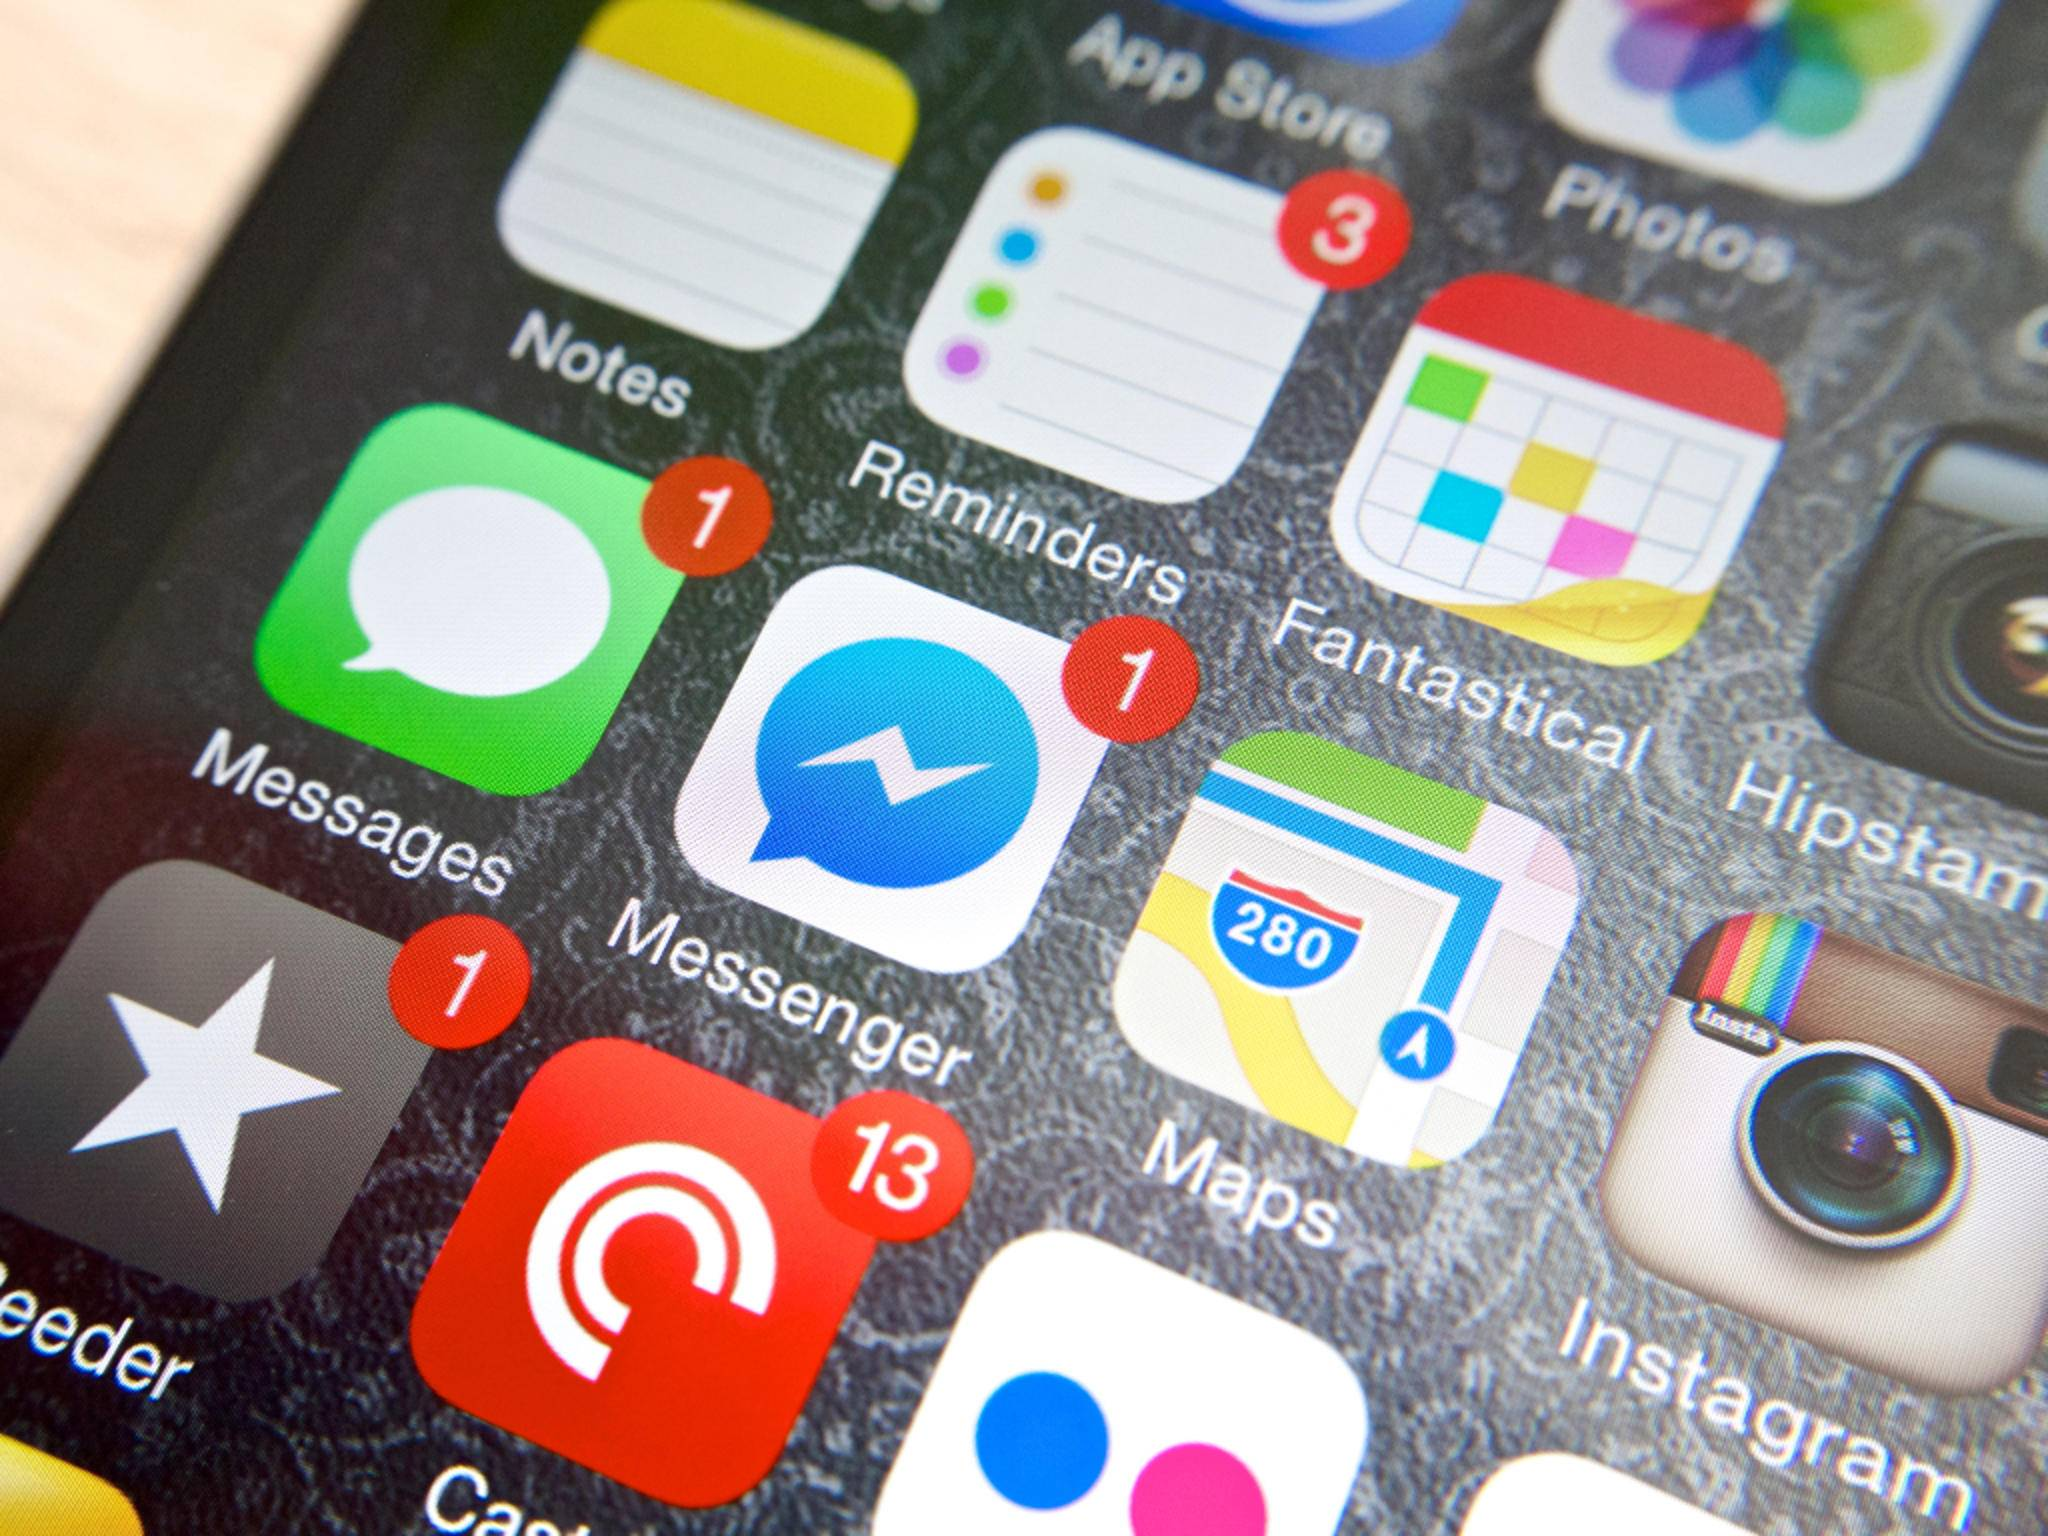 Facebook & Co. hat jeder auf seinem Smartphone – aber was gibt es sonst noch?